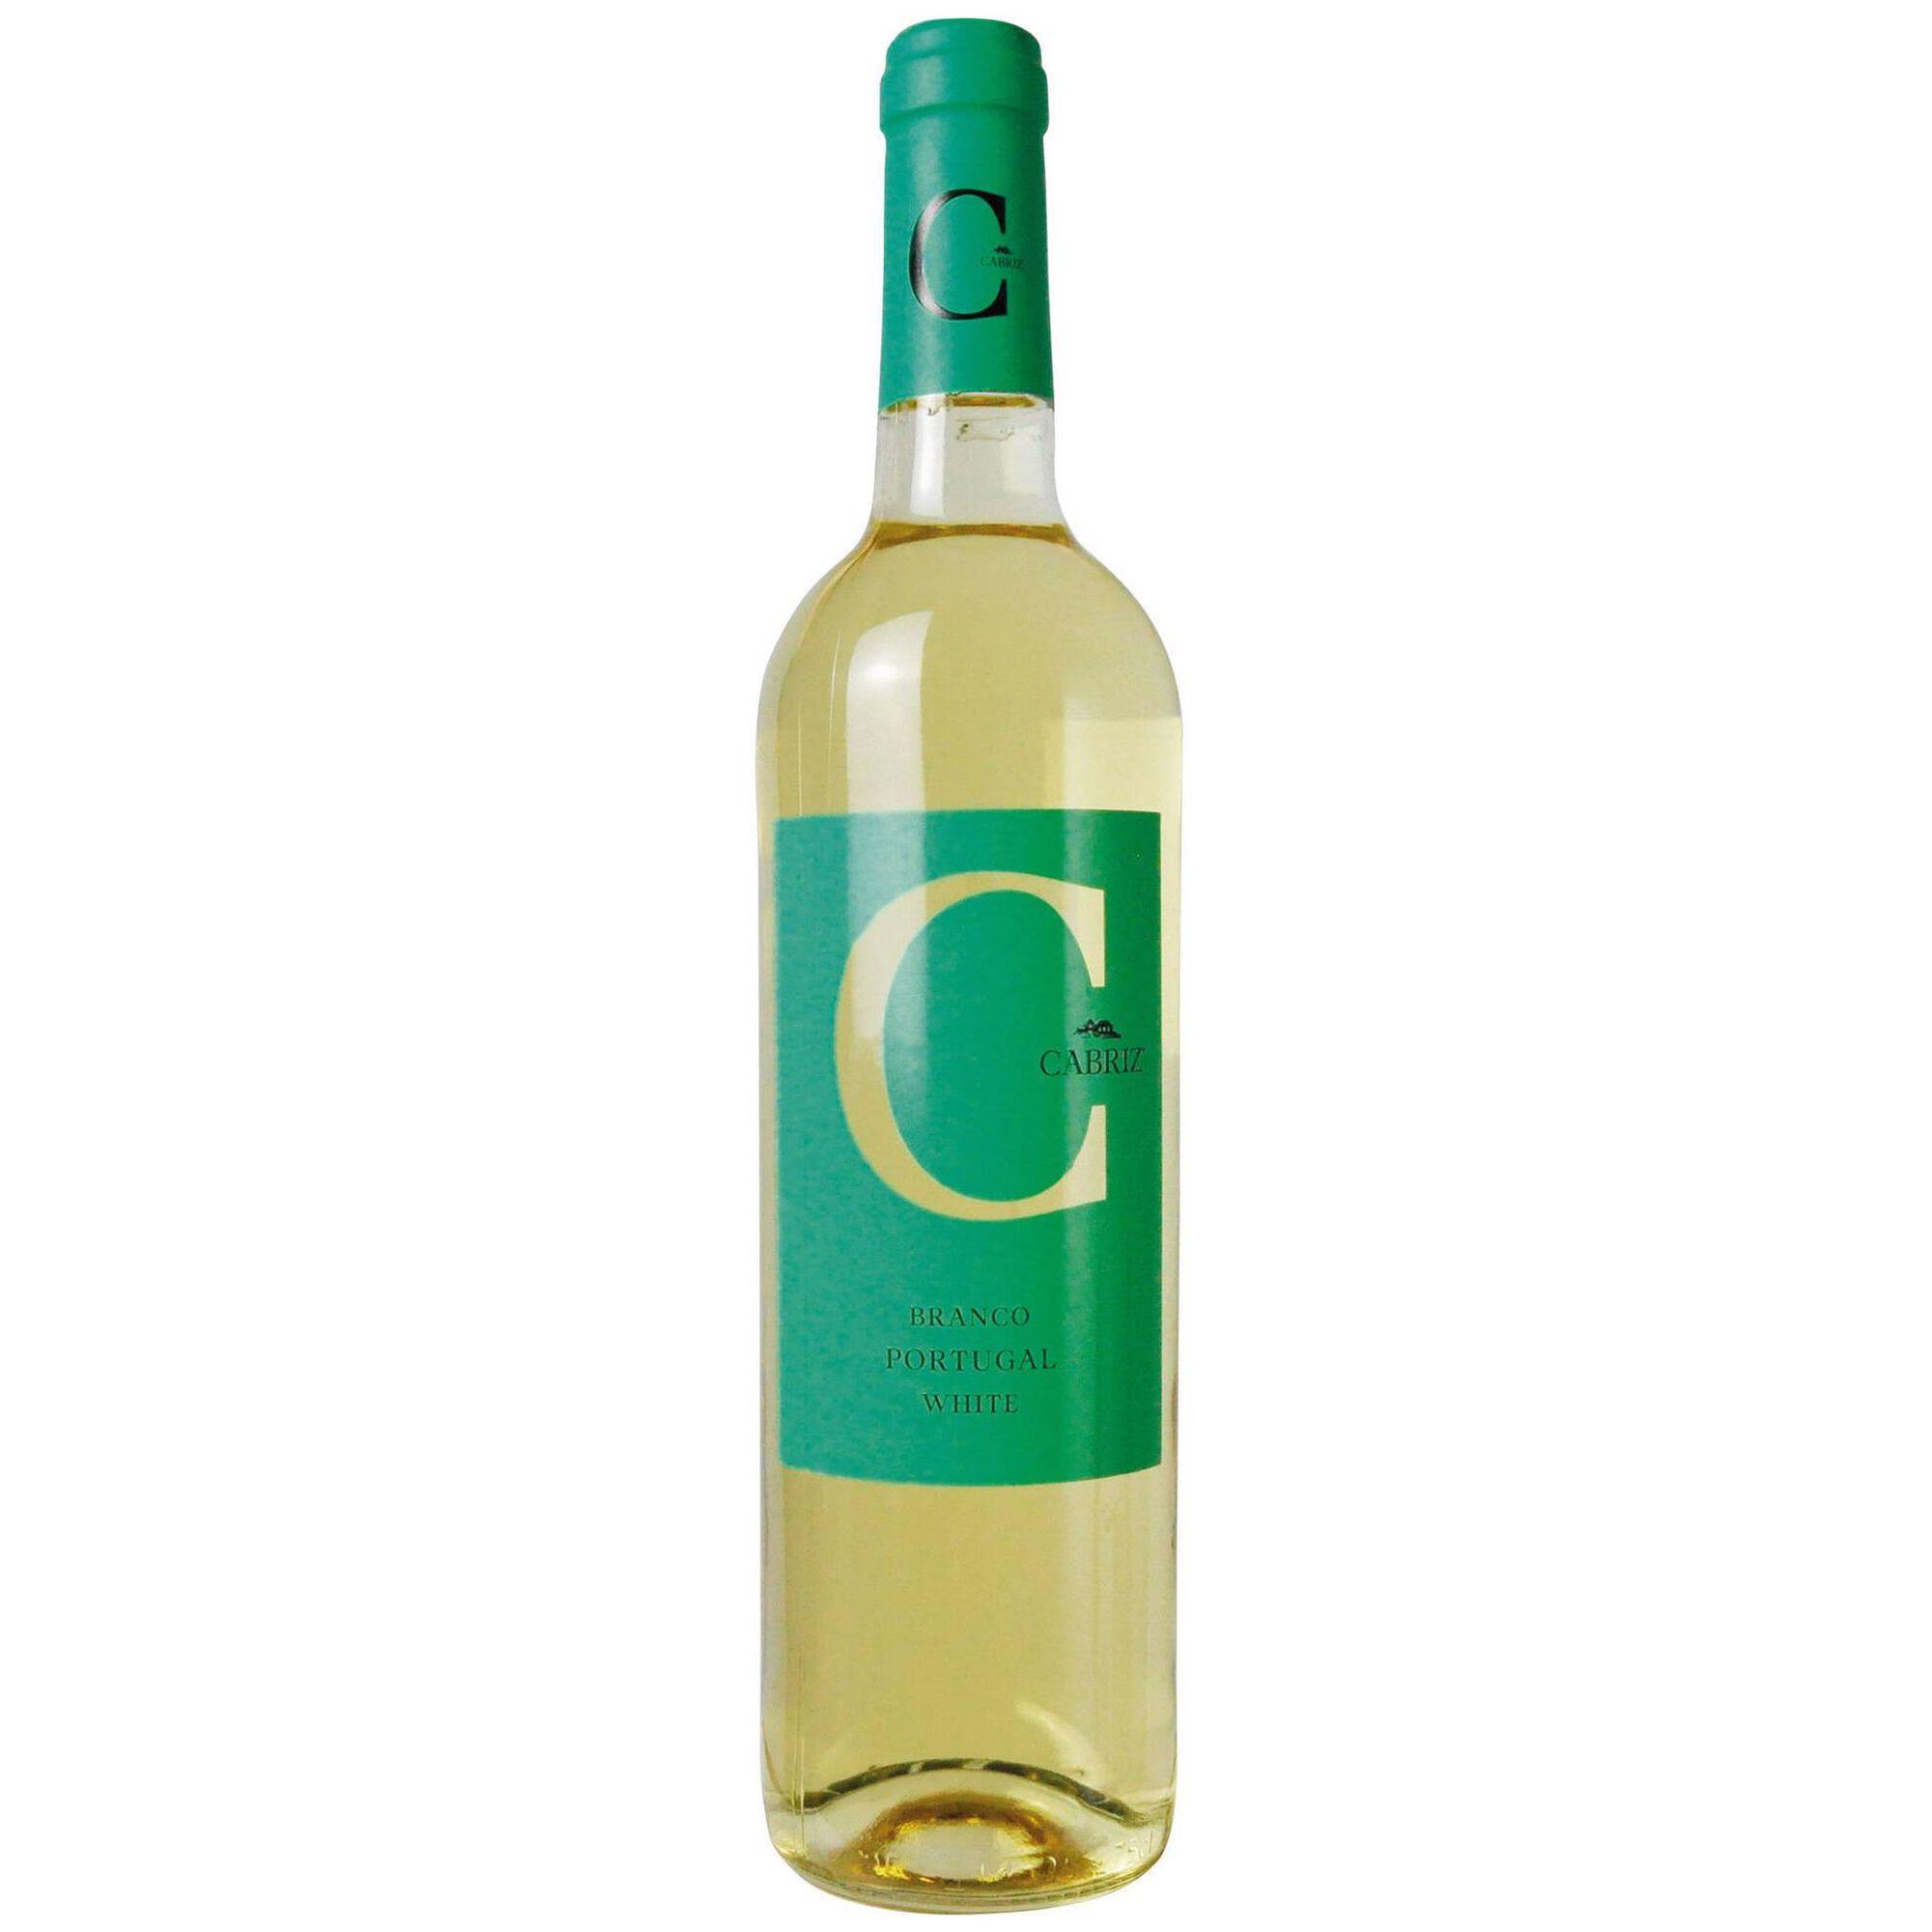 C By Cabriz Regional Dão Vinho Branco